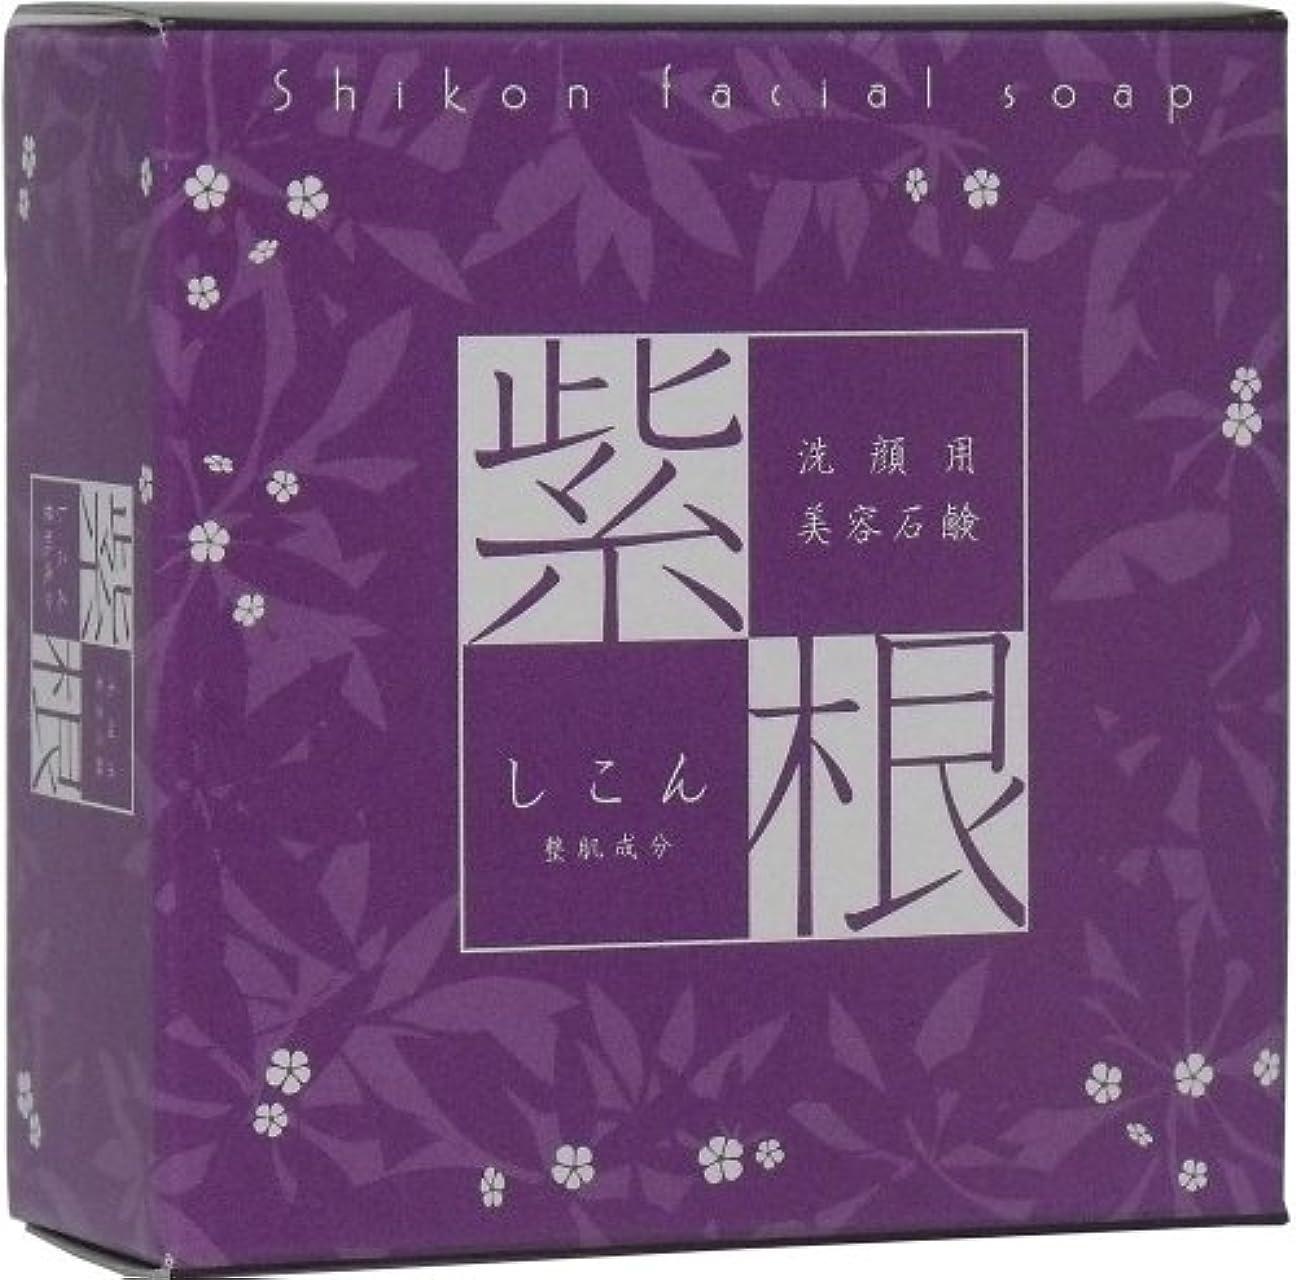 キャメル休憩地震洗顔用 紫根石けん (泡立てネット付き) 100g ×3個セット